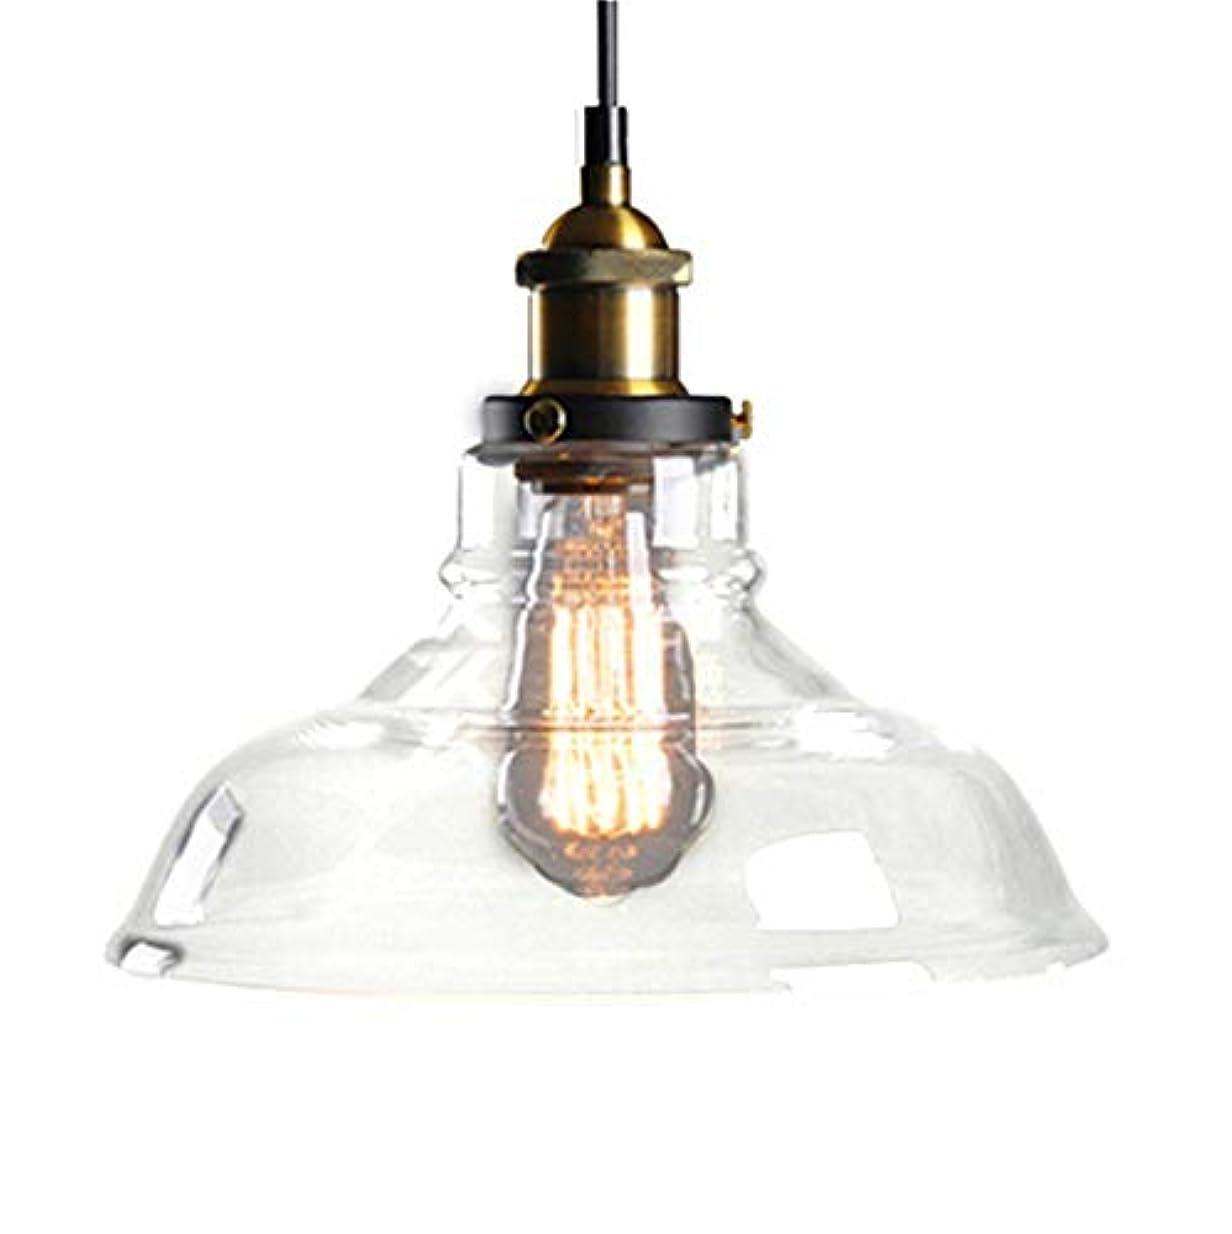 ねじれ滑り台ムス北ヨーロッパおよびアメリカ様式の農村産業風の創造的な単一のヘッドガラスランプシェード